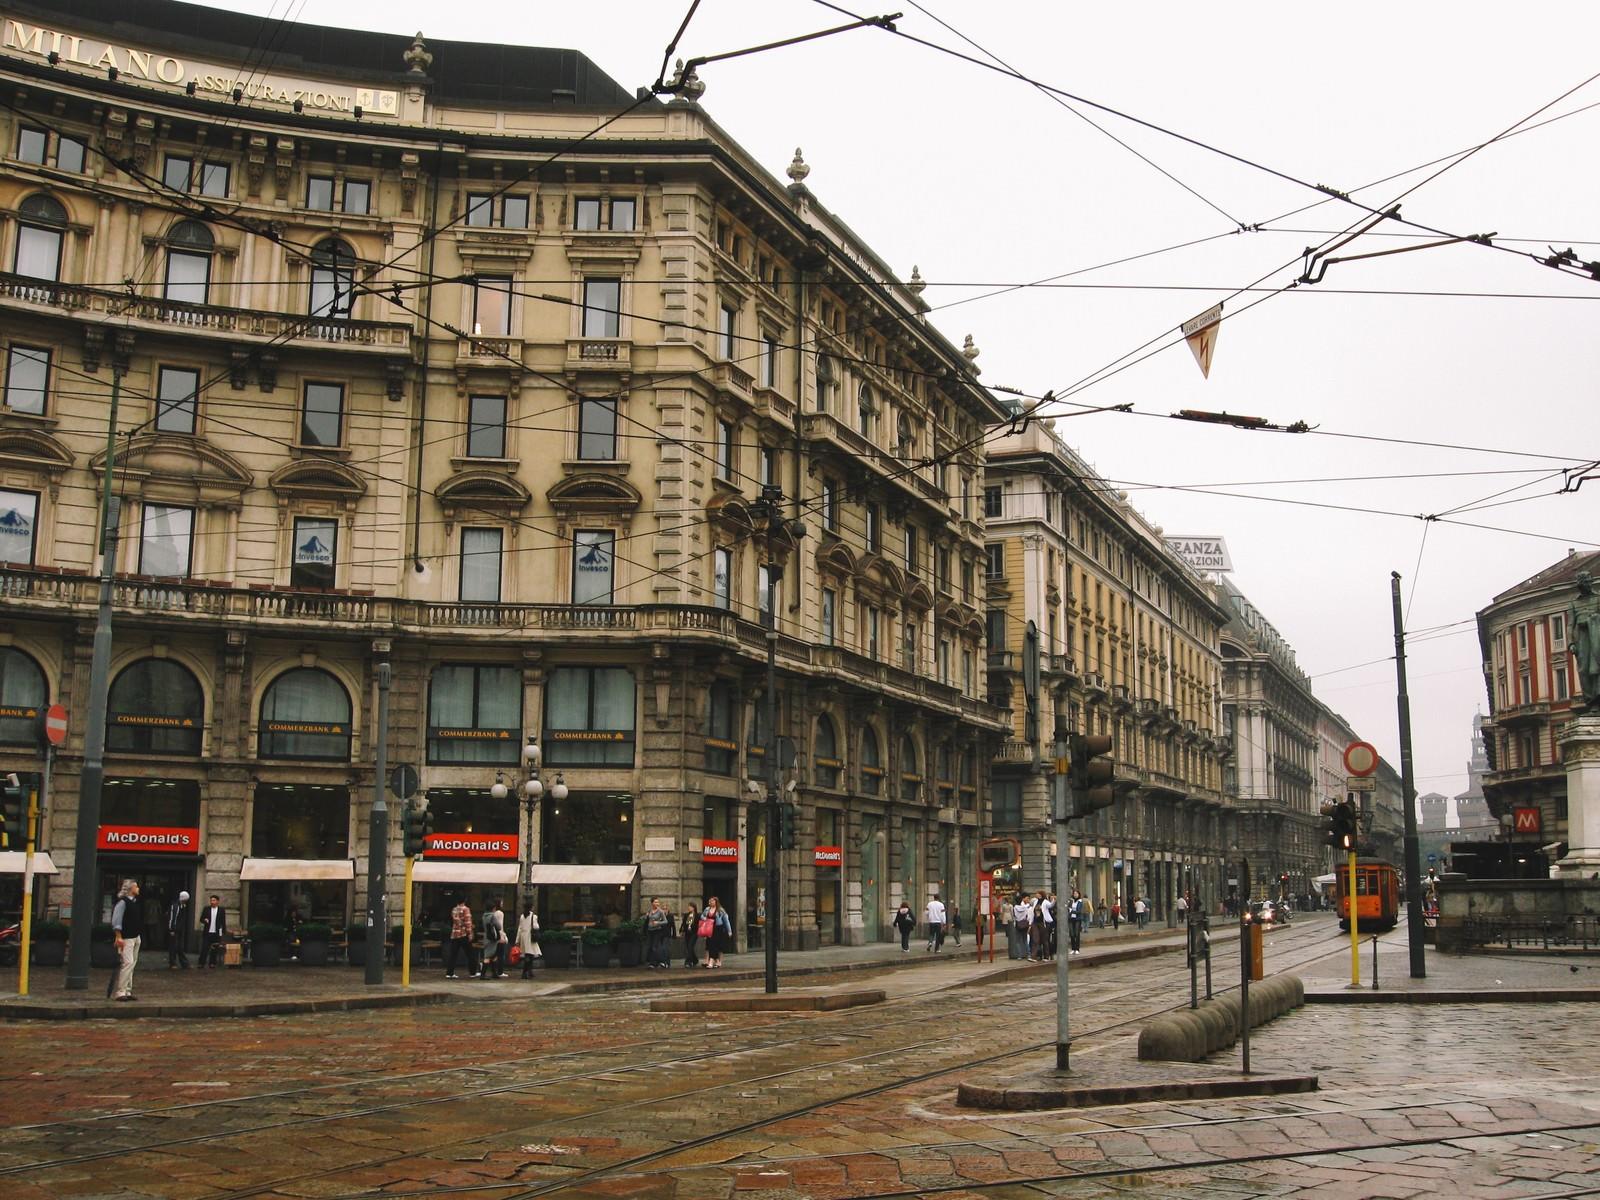 「ミラノの通りと共に張りめぐる電線と街並み(イタリア)」の写真